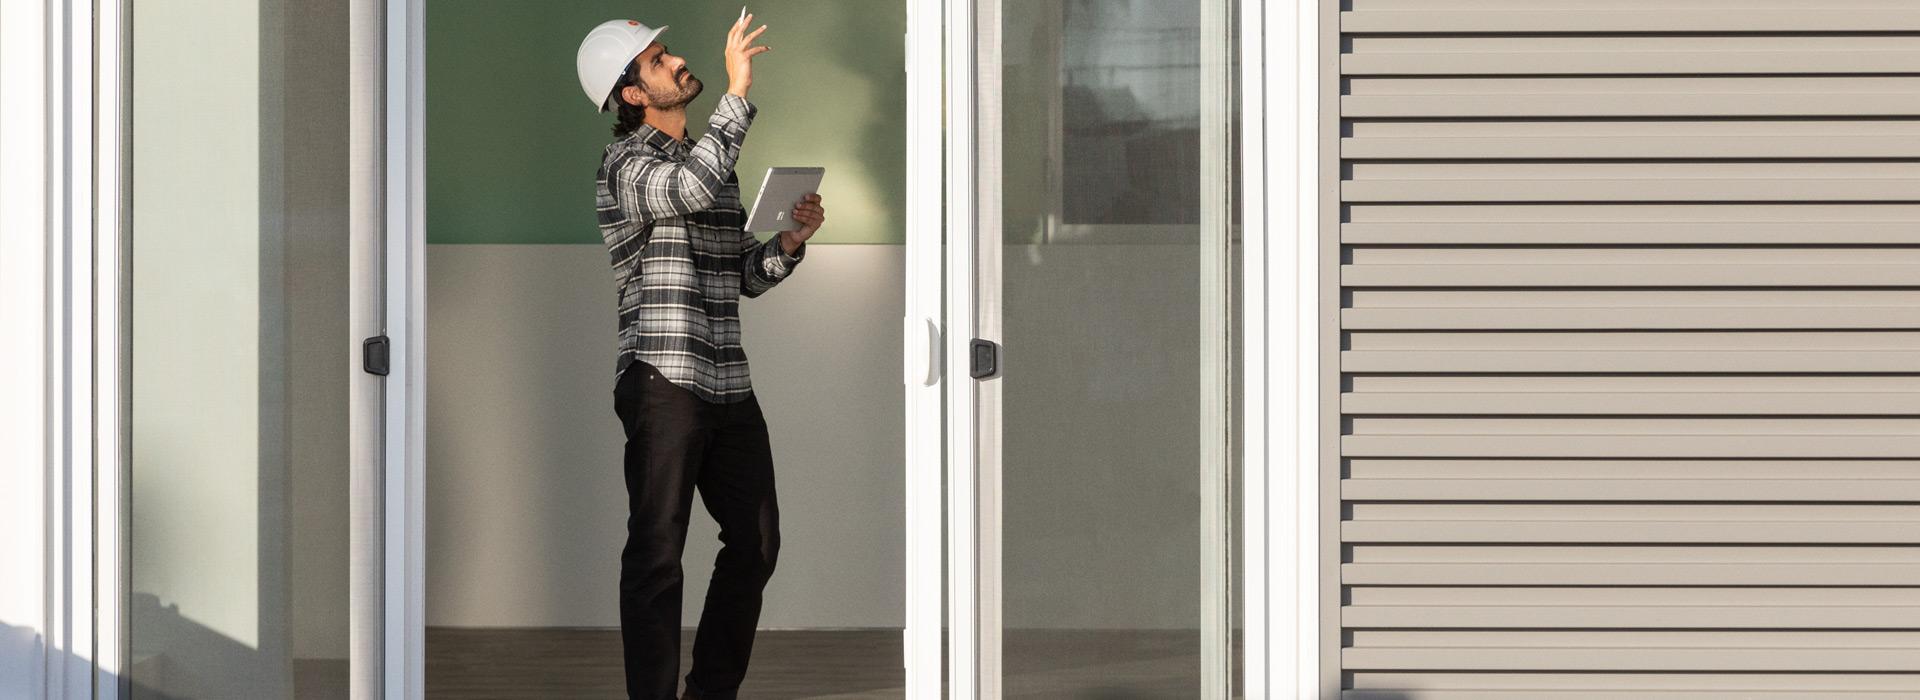 Un employé portant un casque de sécurité dans un environnement résidentiel tient une Surface Go 2 en mode tablette